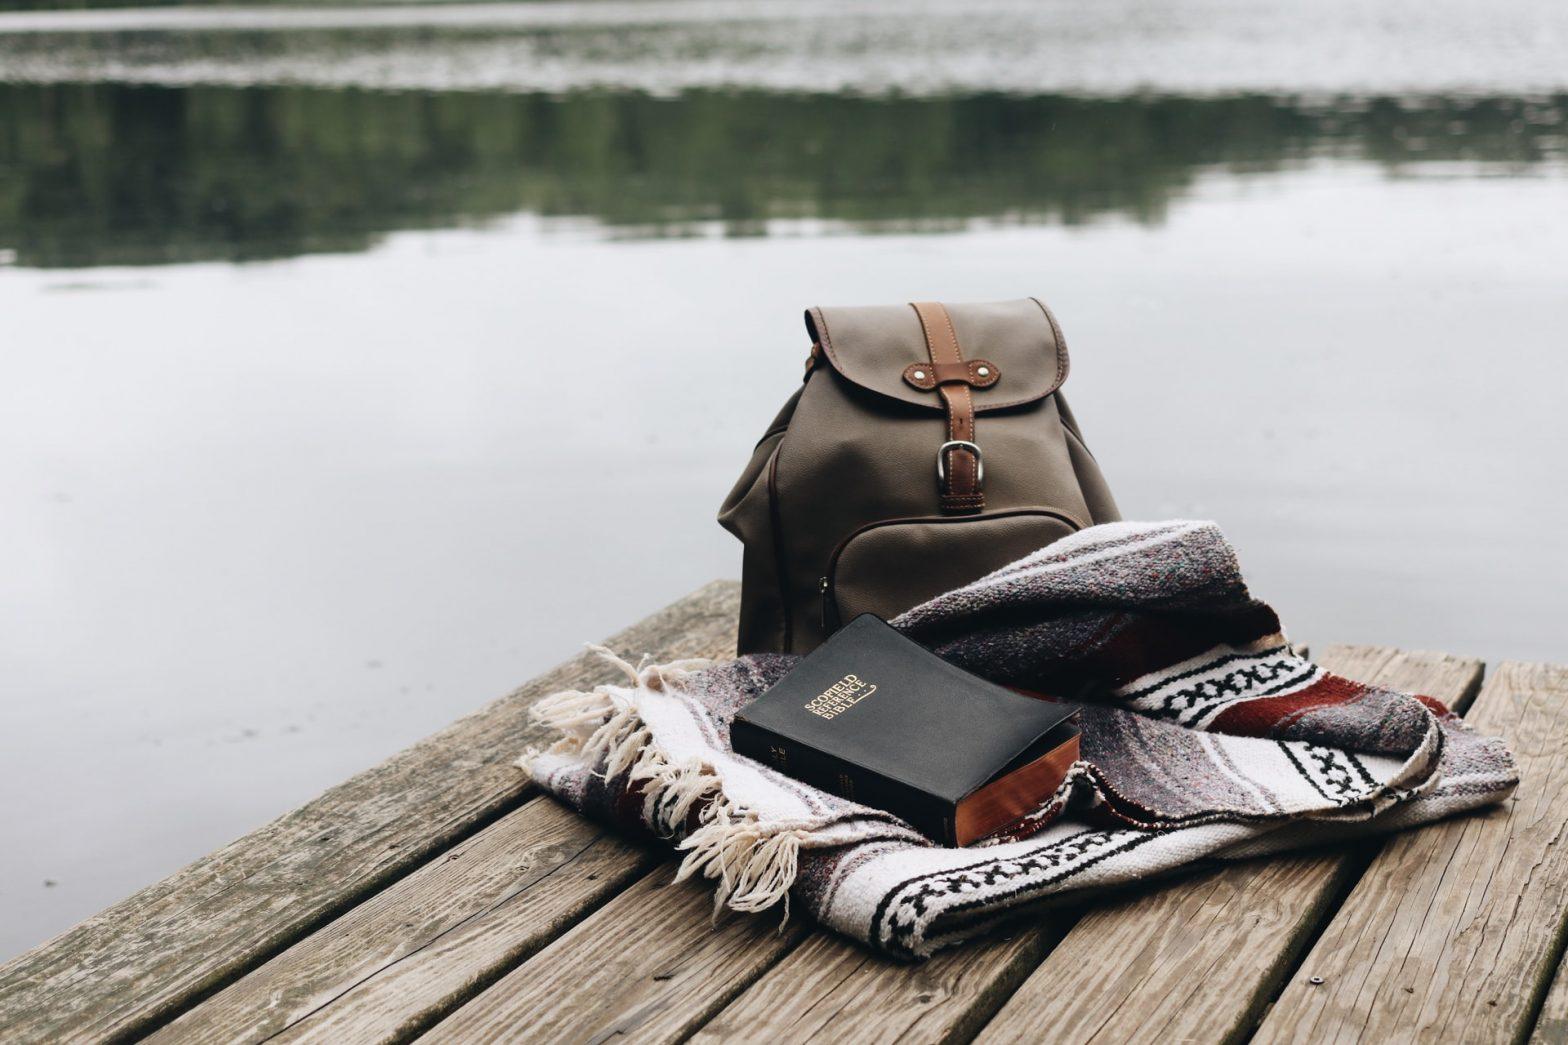 Zaino, coperta e quaderno su un molo sul lago